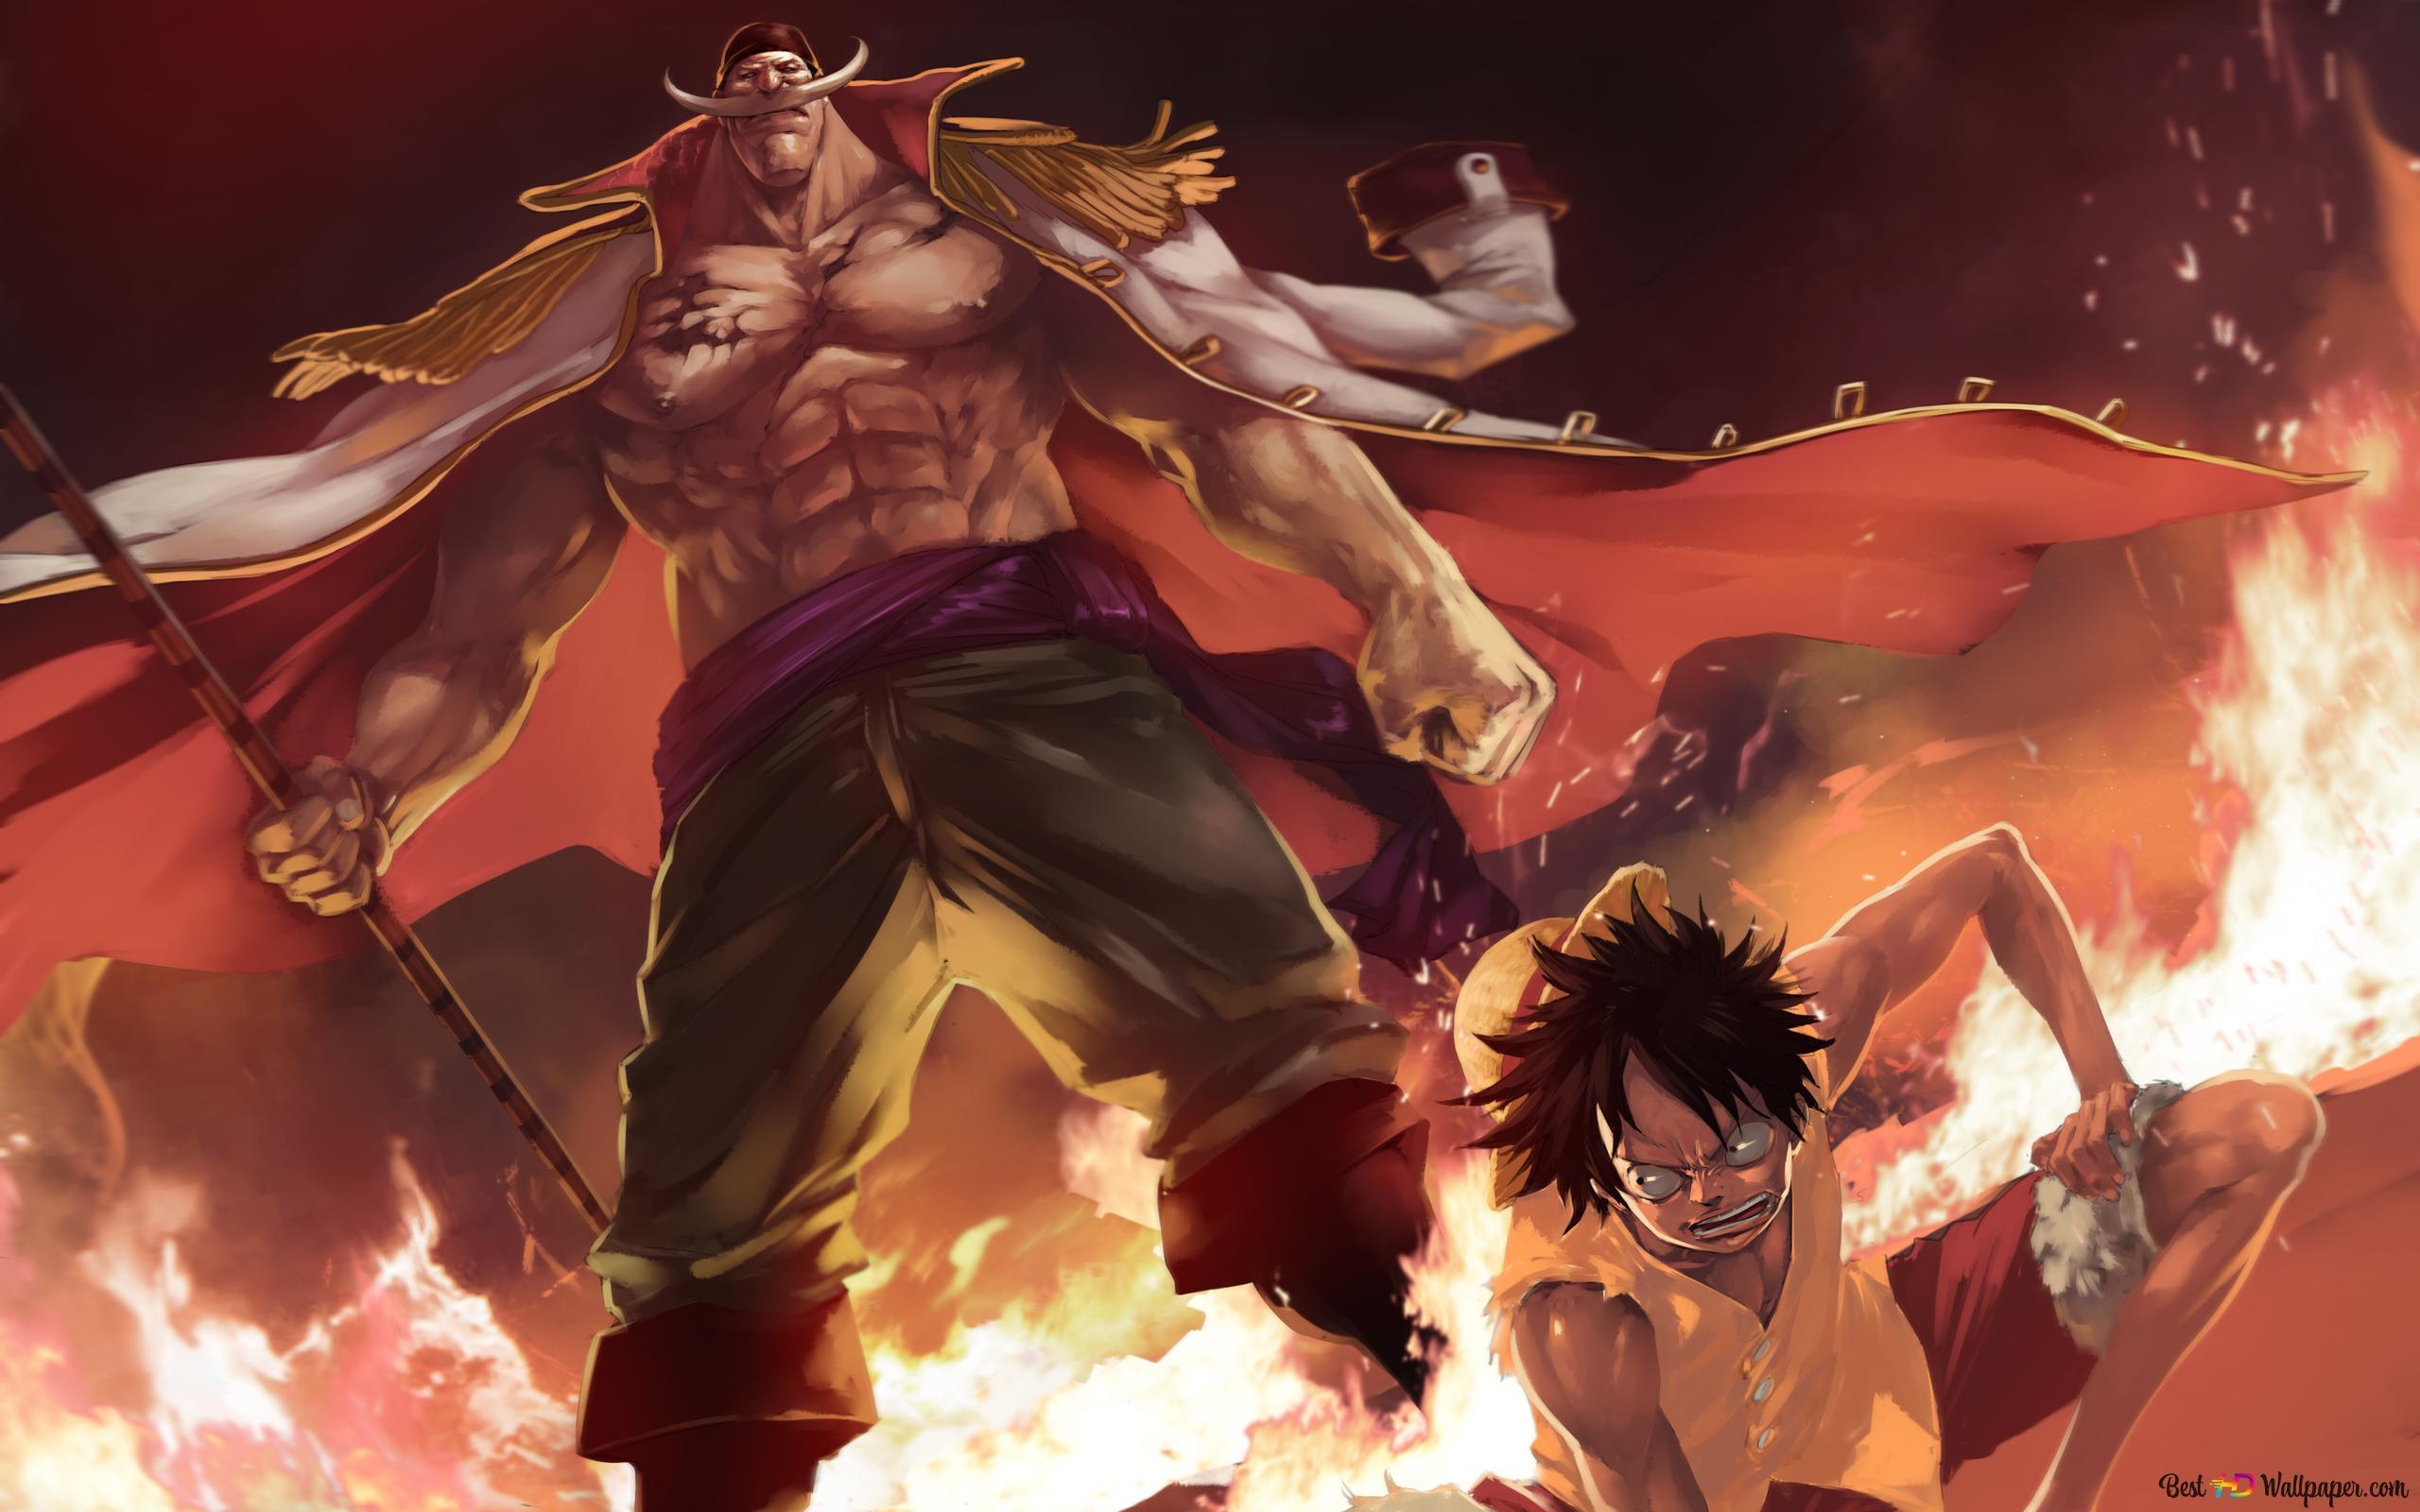 One Piece - Edward Newgate,Monkey D. Luffy,WhiteBeard HD wallpaper download